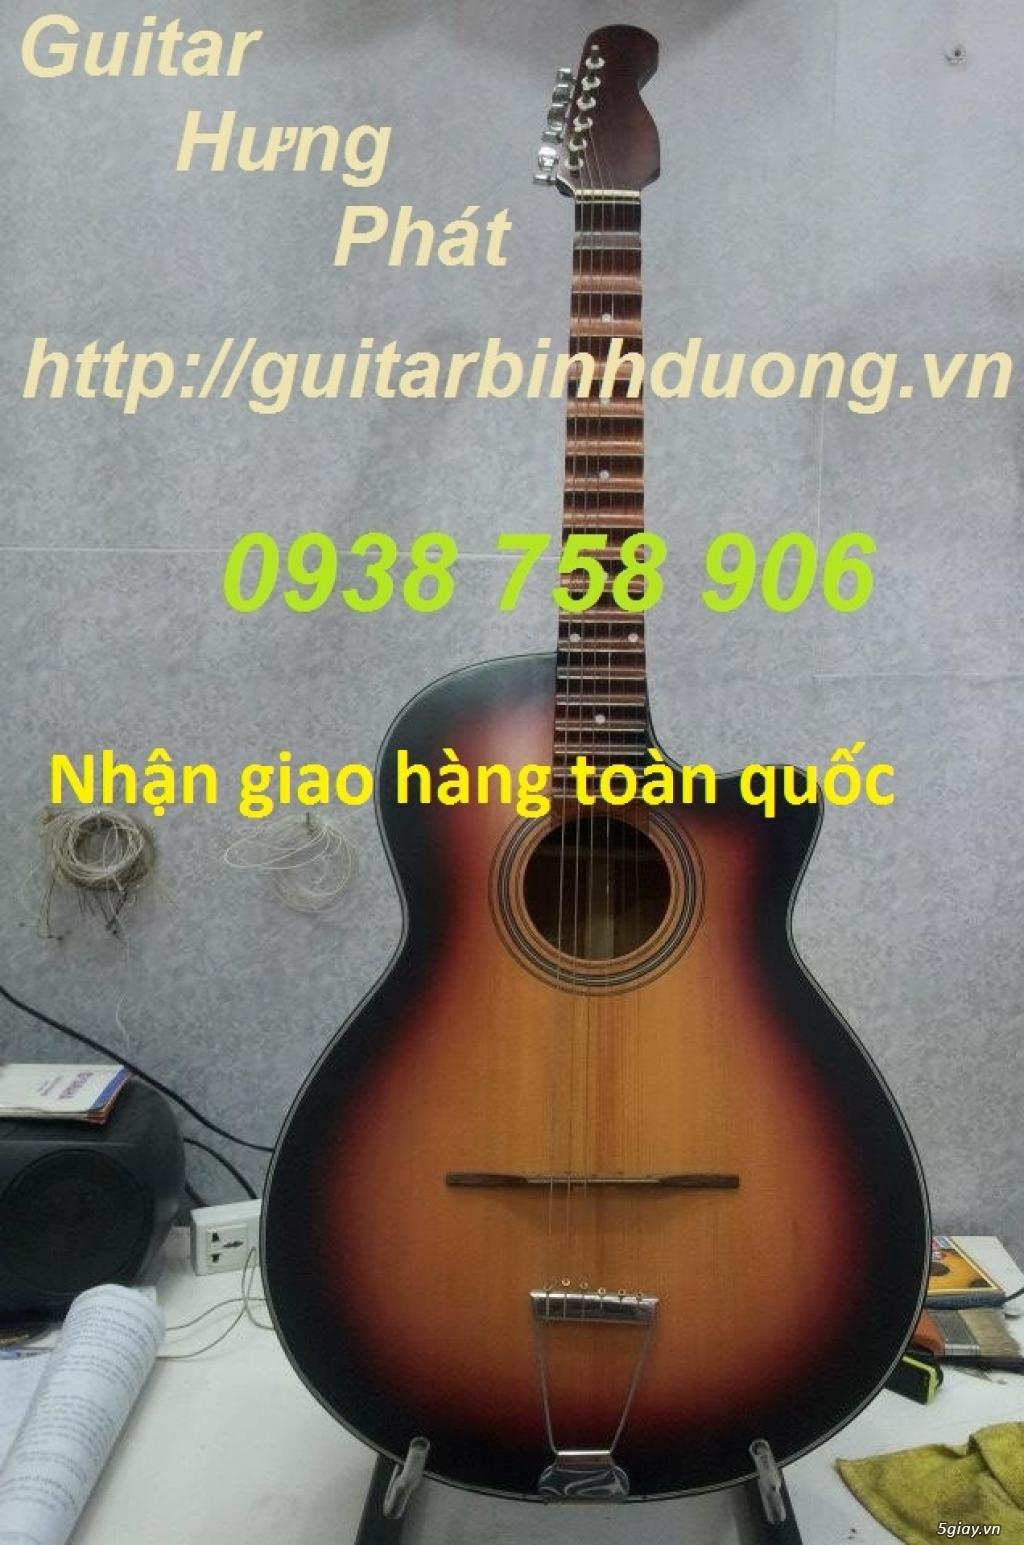 bán đàn Guitar Cổ Thùng giá rẻ từ 490k tại cửa hàng nhạc cụ Bình Dương - 25